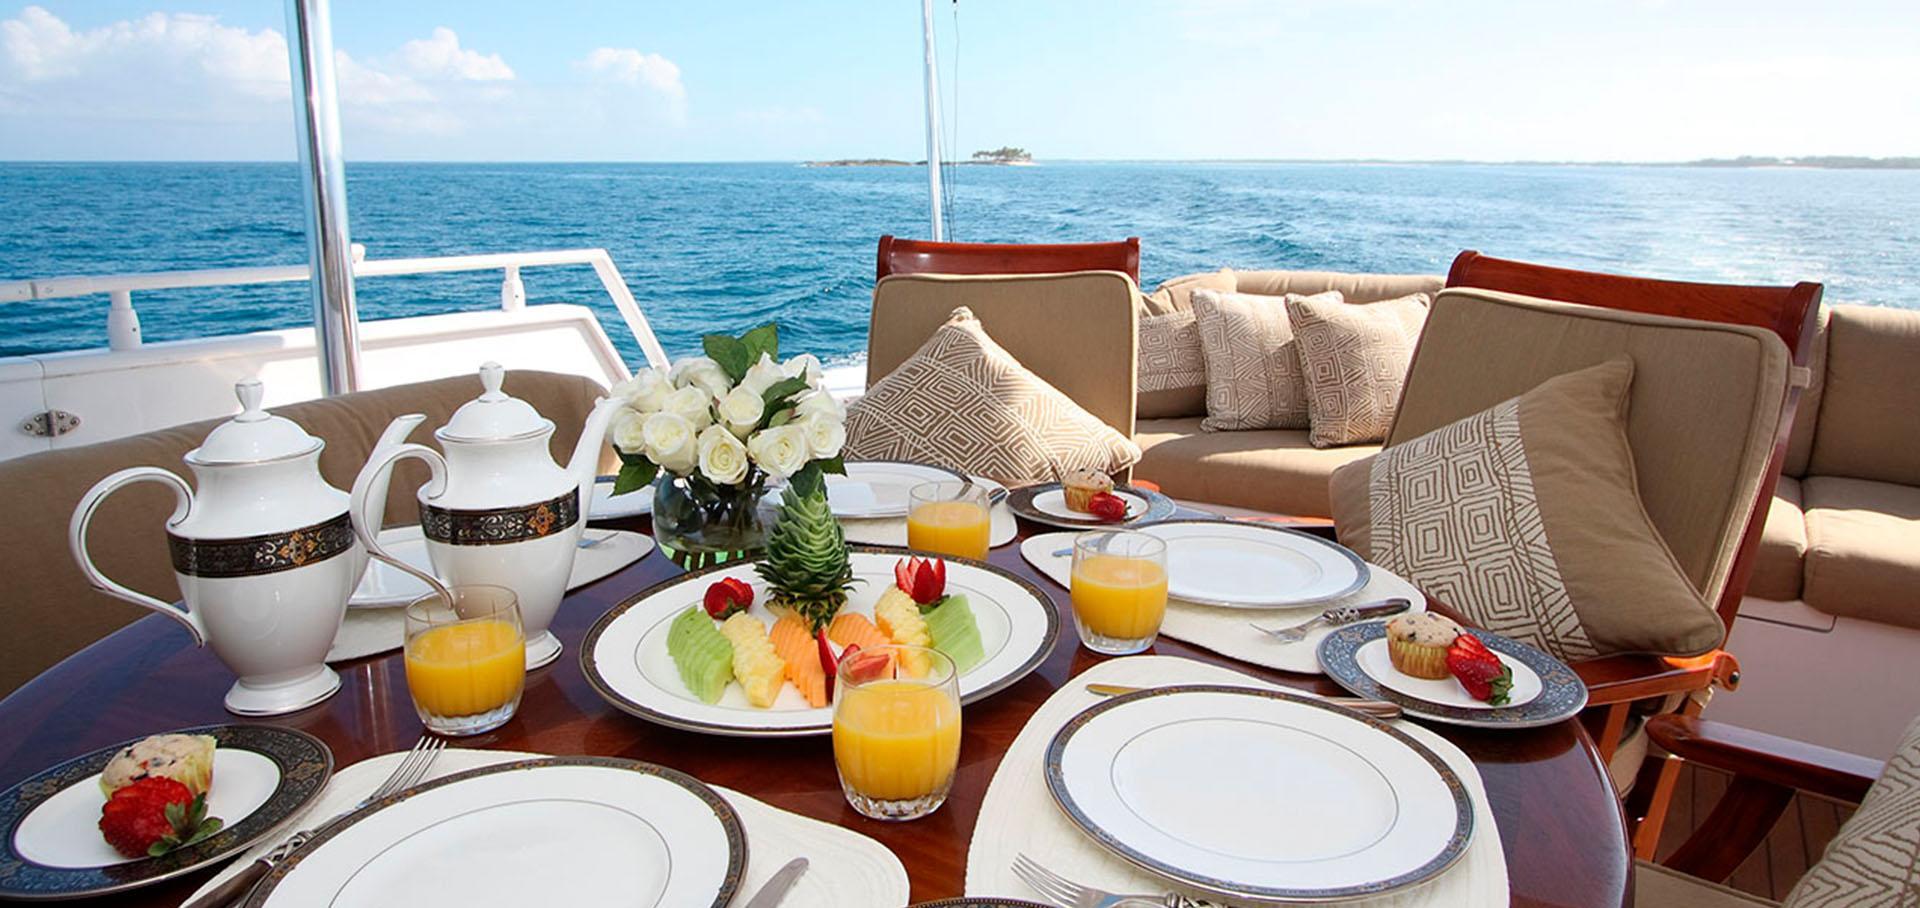 Ресторан на яхте